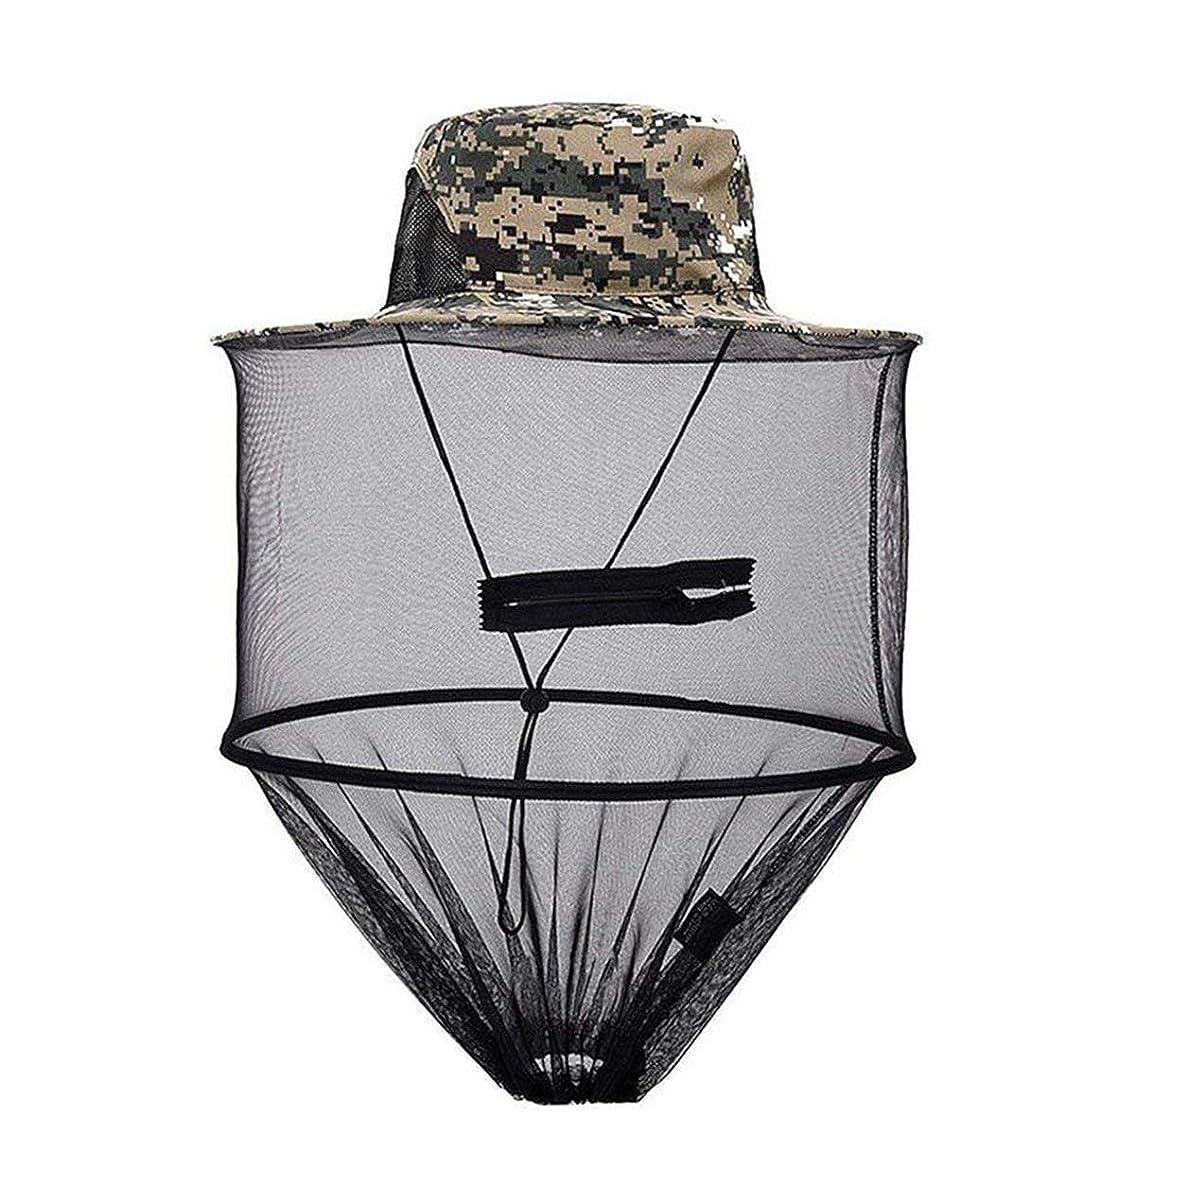 引退するリゾートSaikogoods アウトドアキャンプハイキング狩猟のためにネットメッシュ?ヘッドフェイスプロテクター 釣りの帽子蚊キャップ ミッジフライバグ昆虫蜂ハット デジタル迷彩